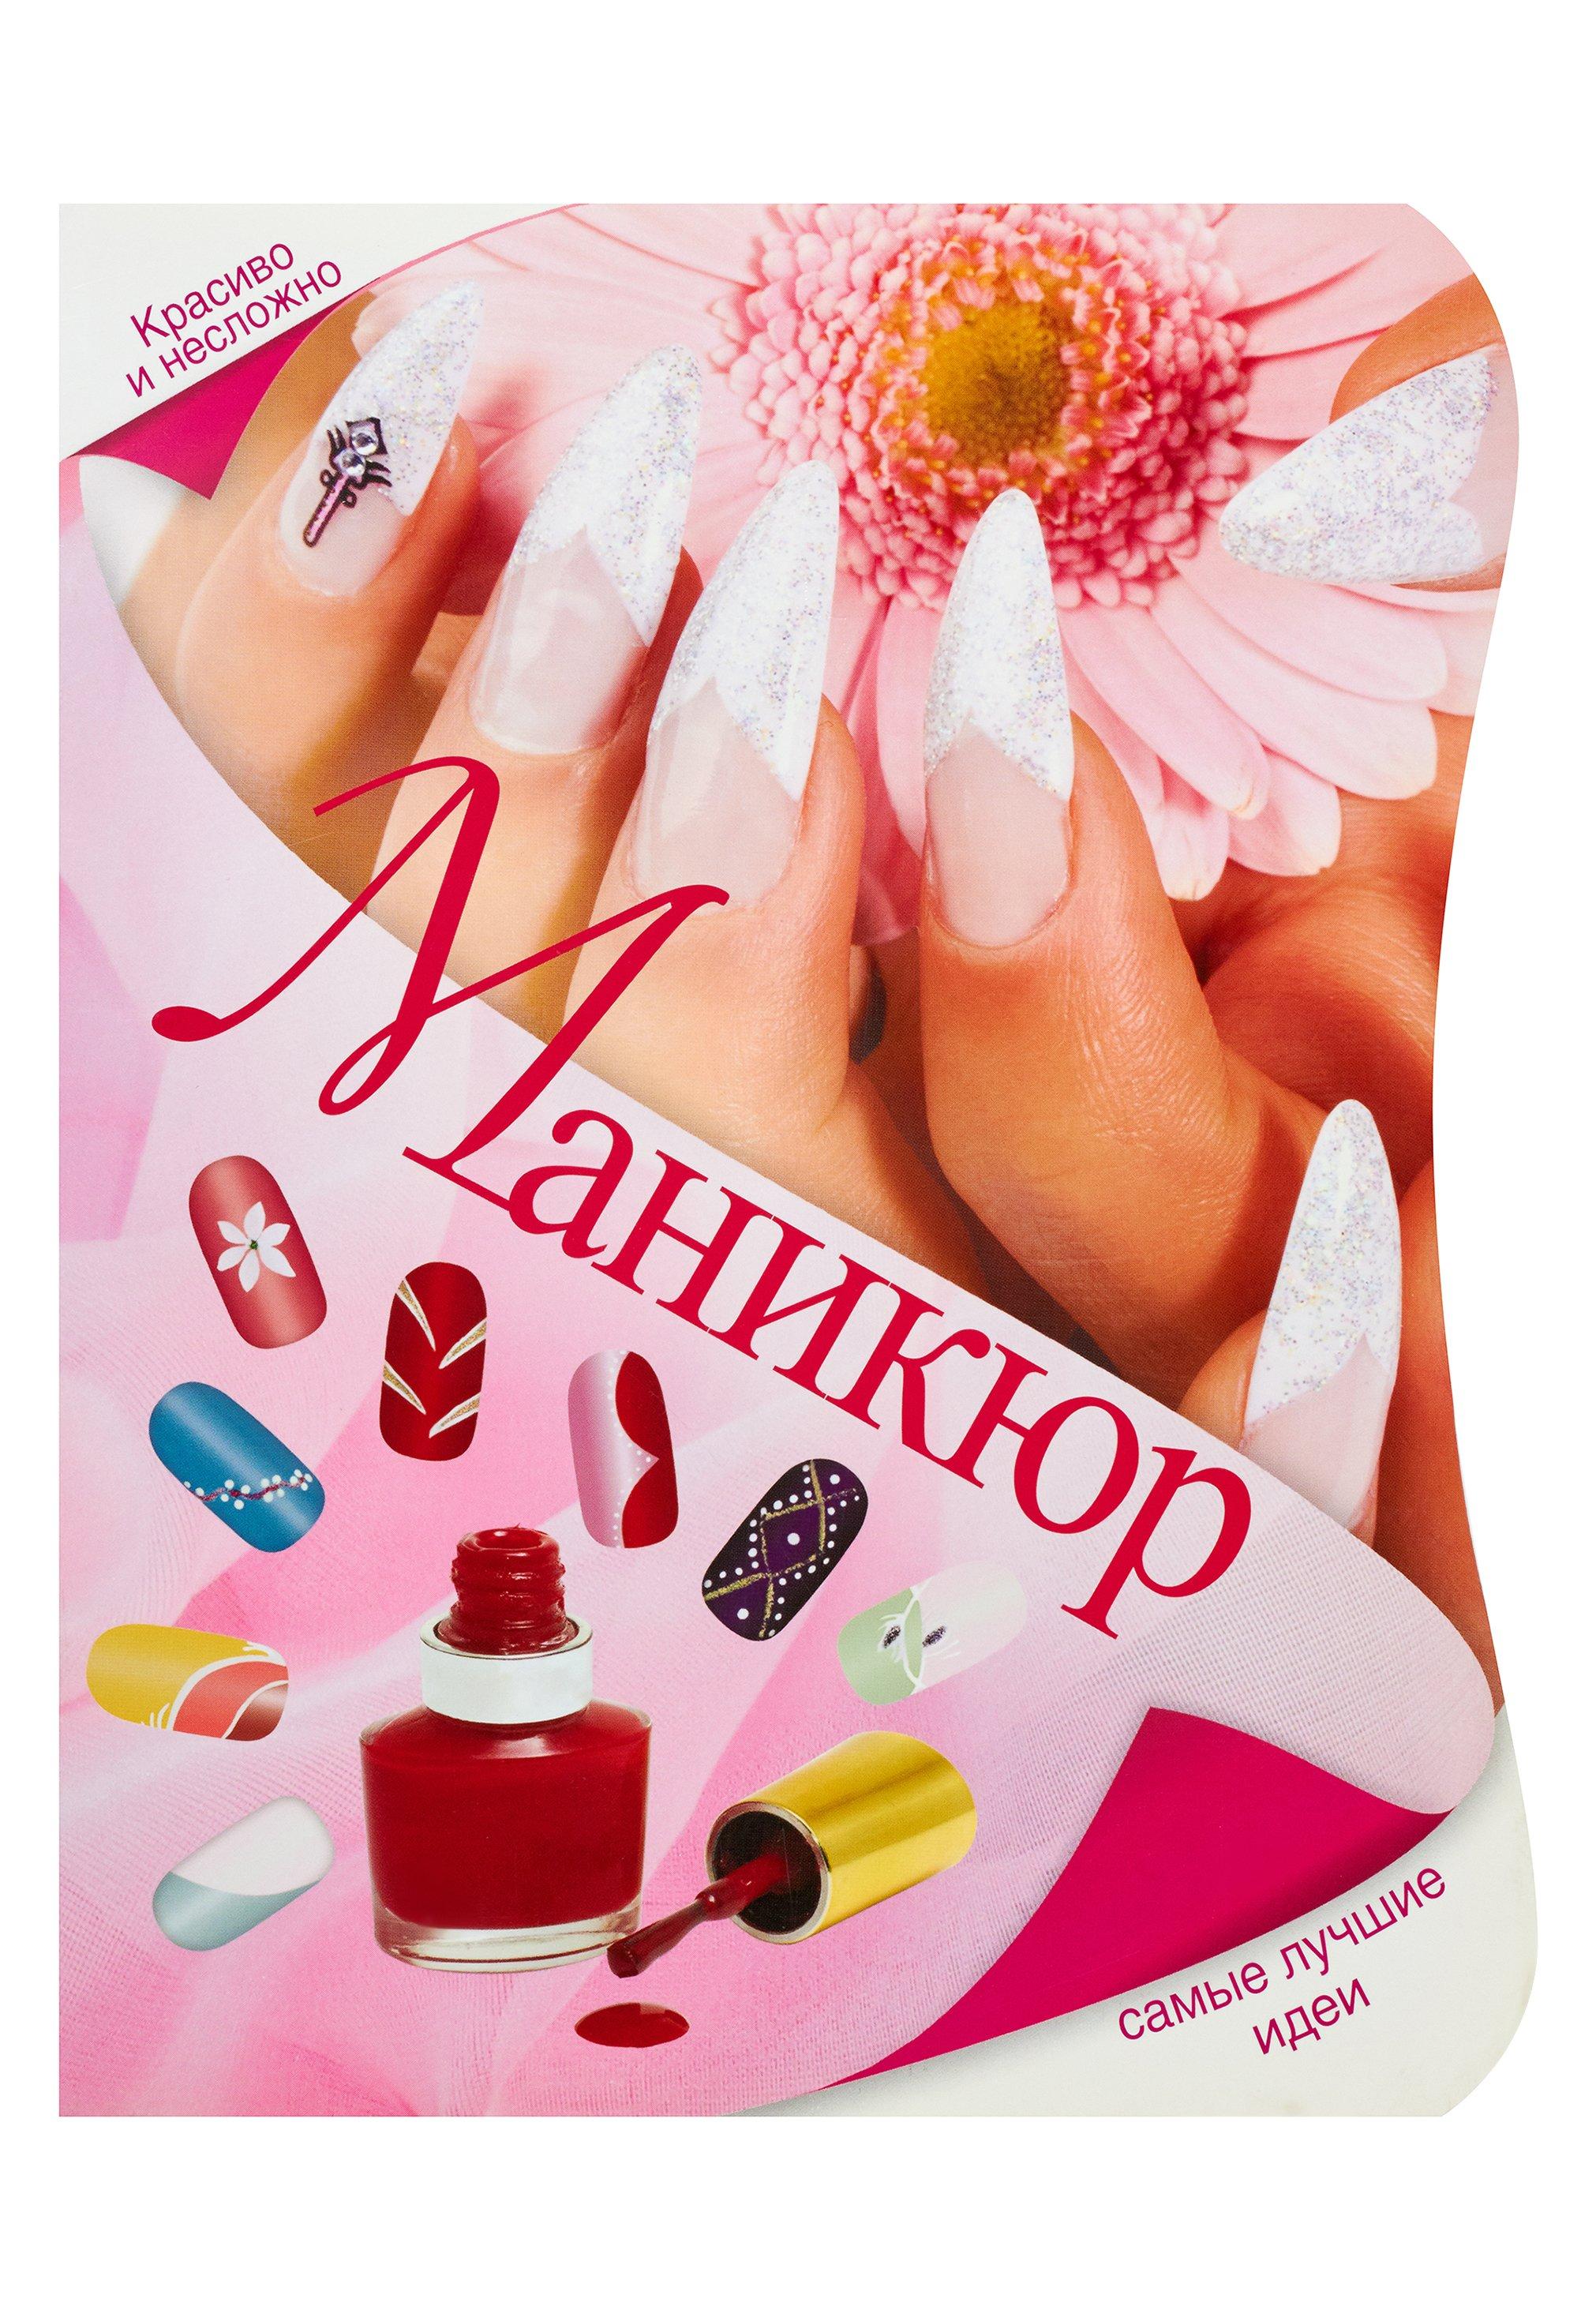 Бойко Елена Анатольевна Маникюр. Самые лучшие идеи бойко е маникюр